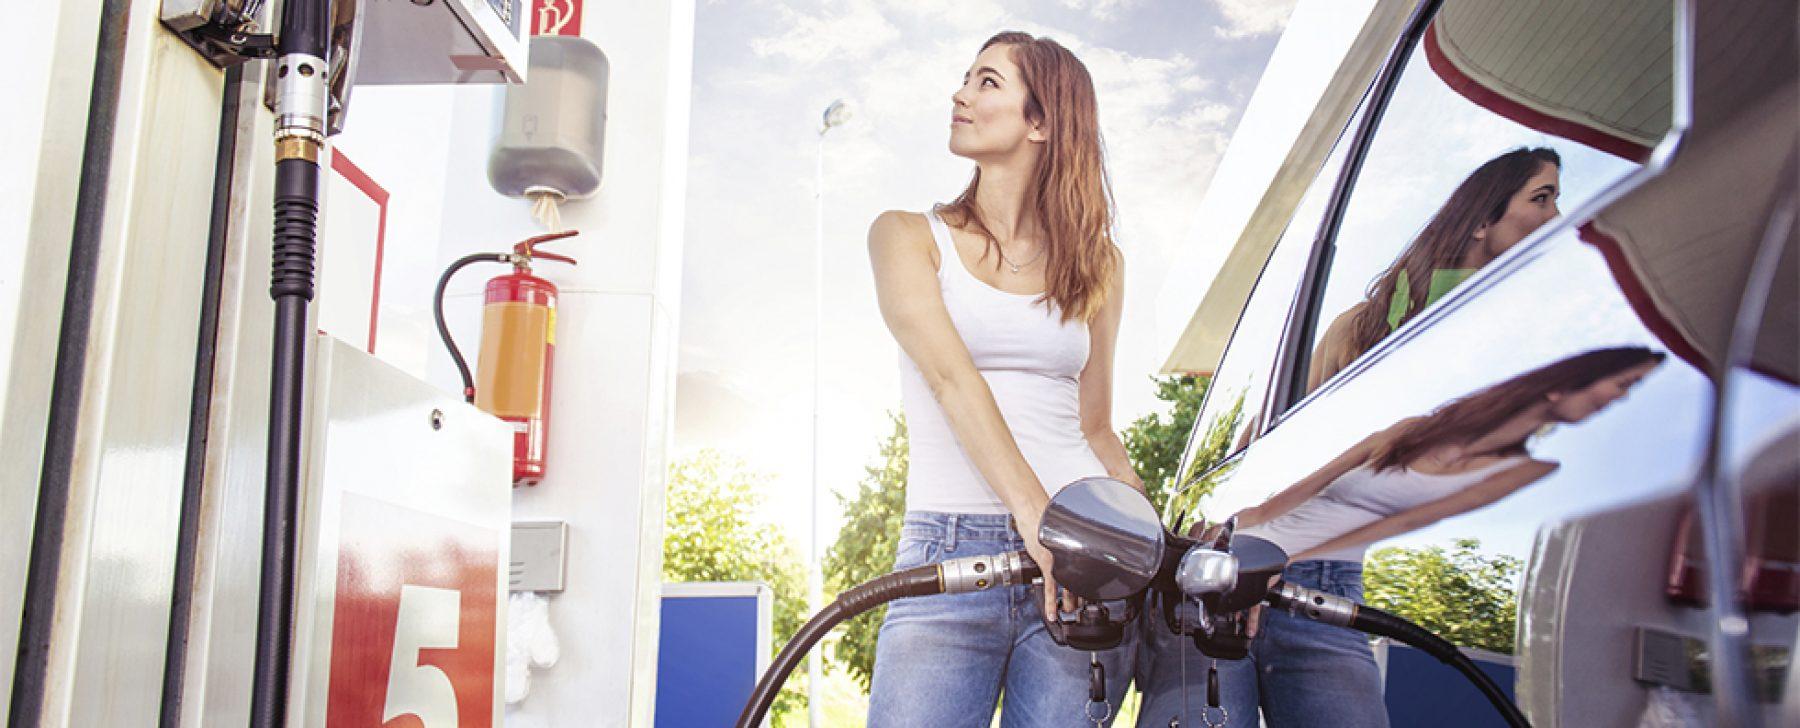 Estas son las gasolineras más baratas de España